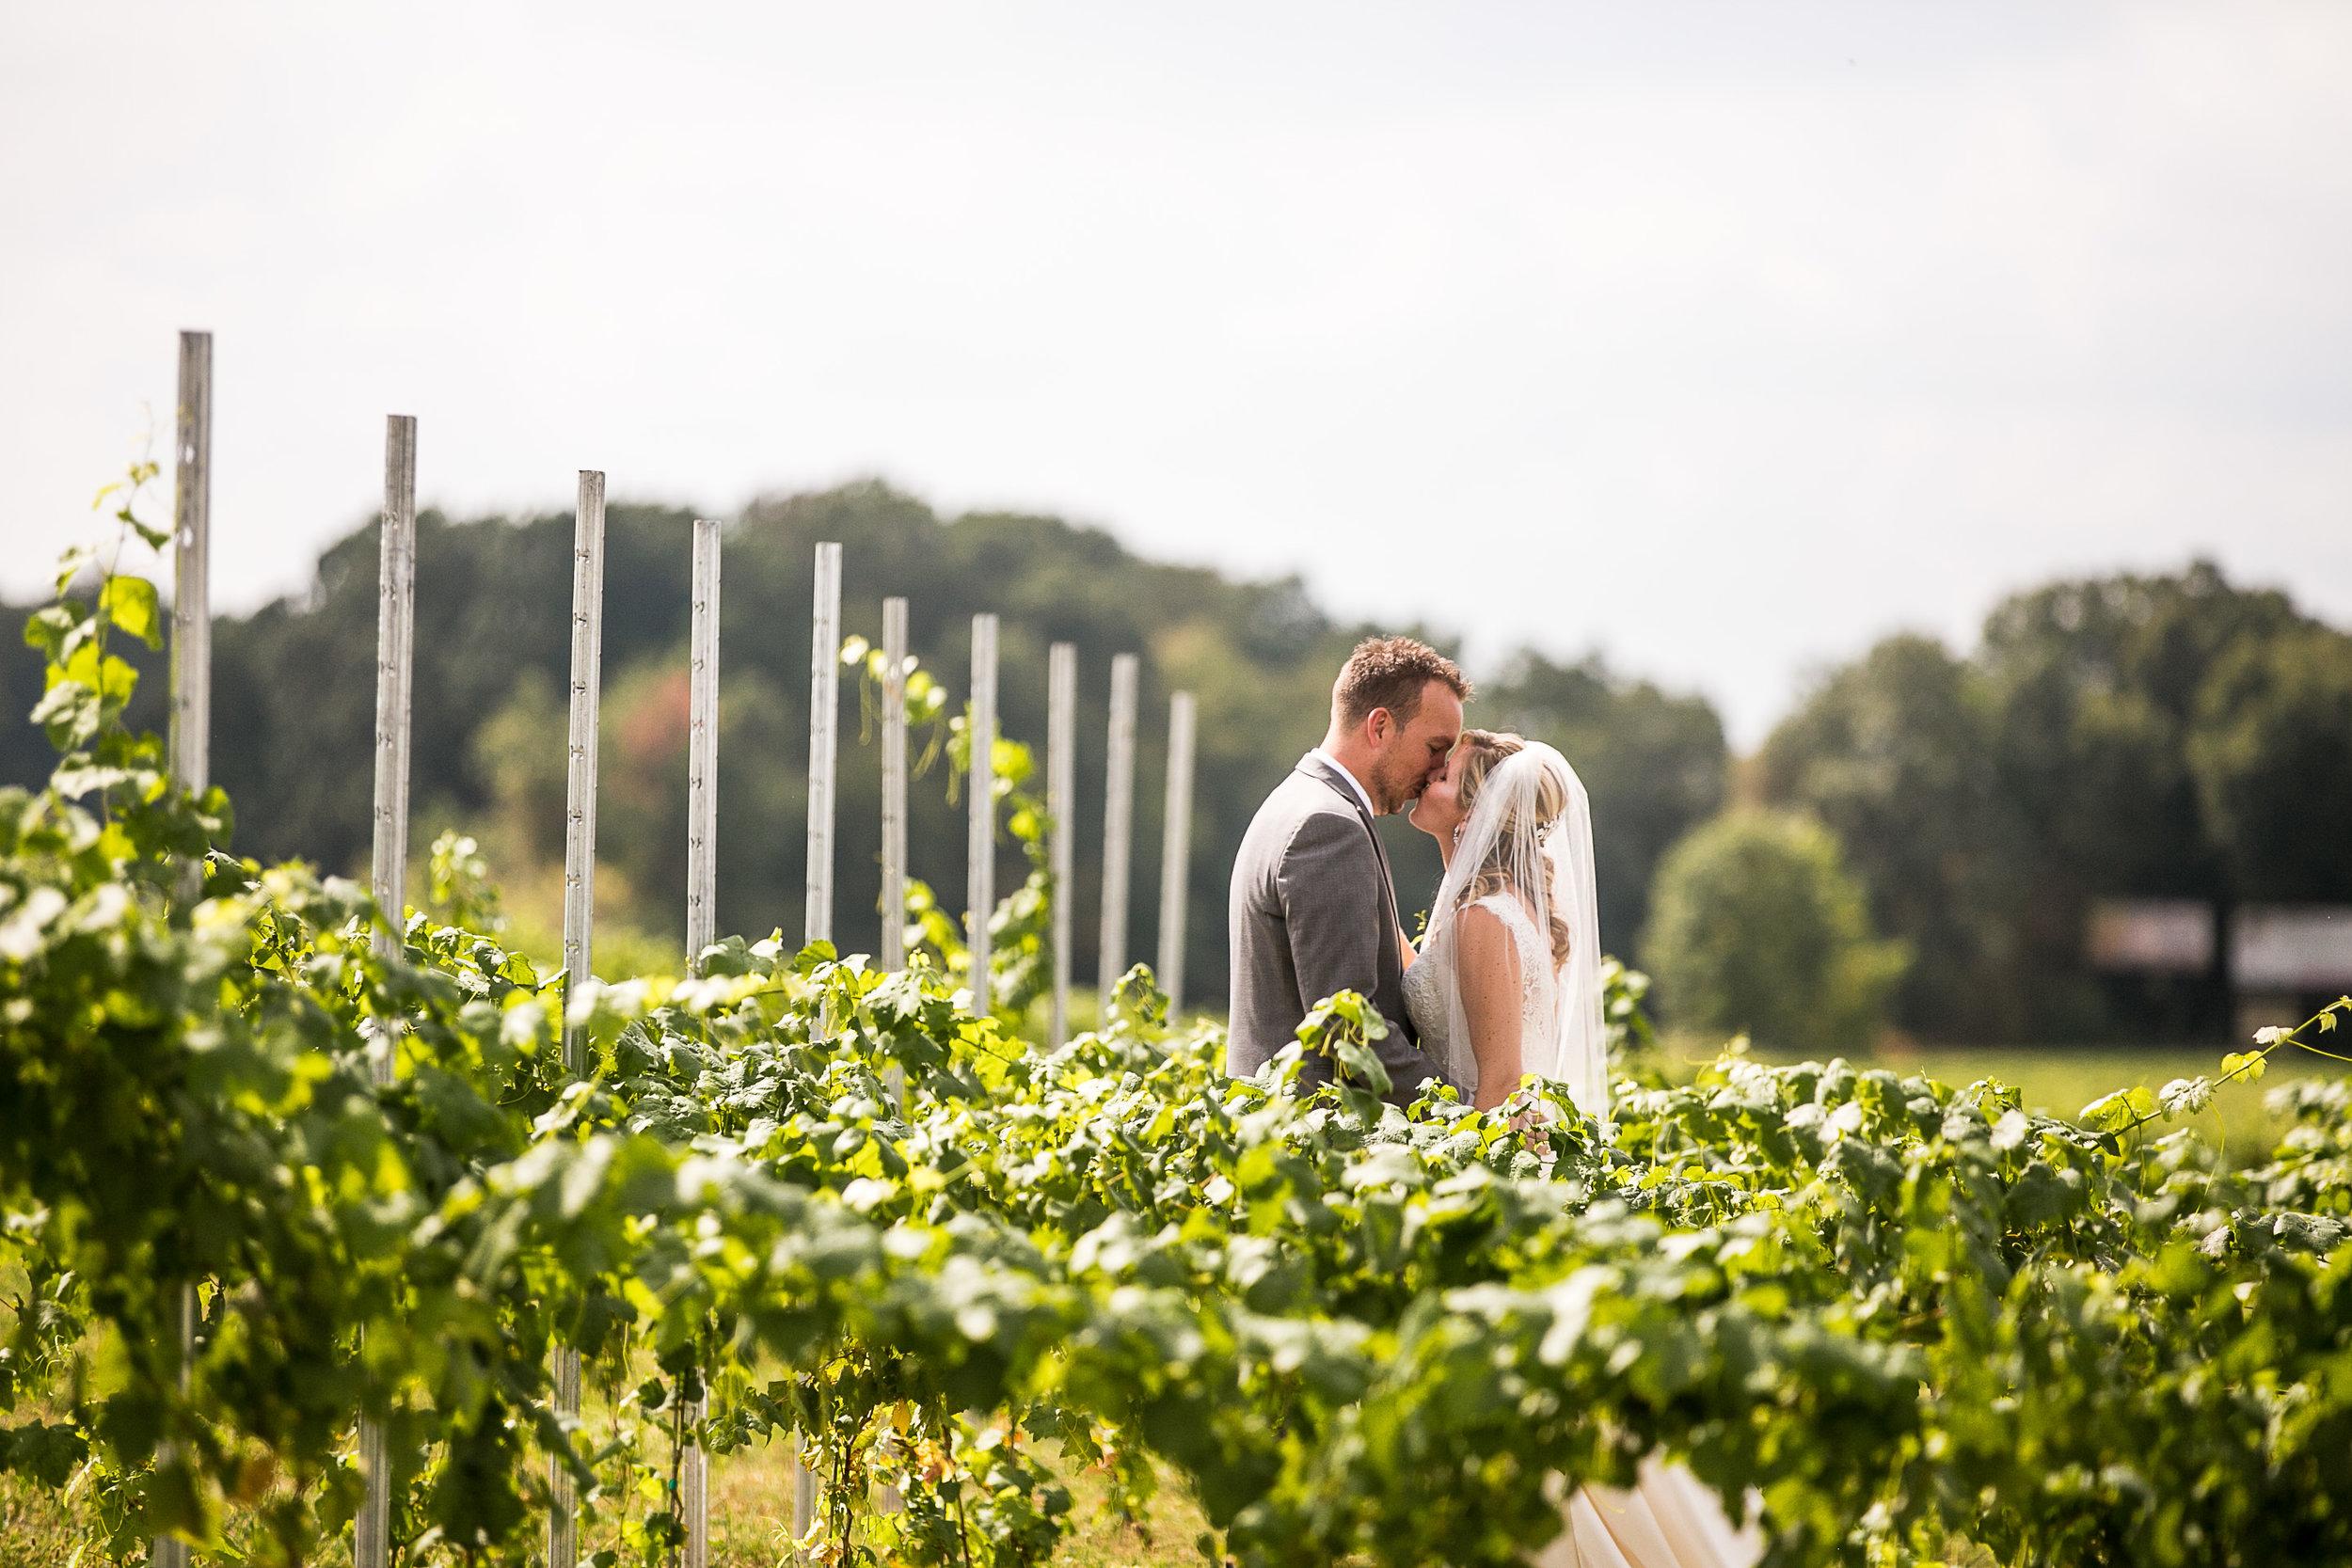 Chrissy-Chad-Wedding-HIGHRESOLUTION-107.jpg